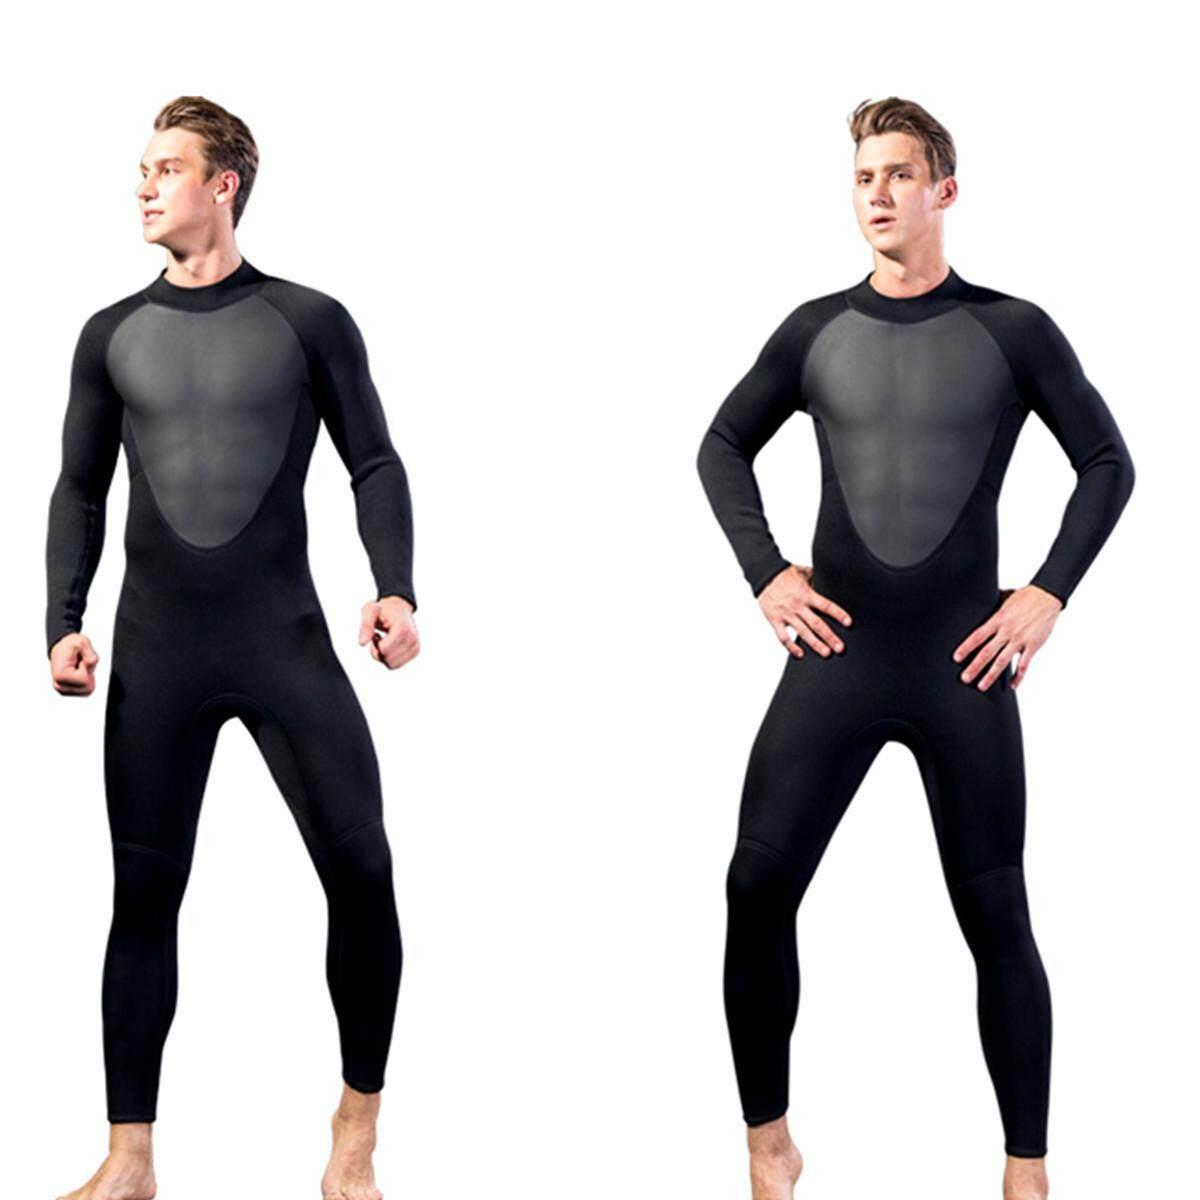 efb8441e478 【Flash Deal】MEN WetSuit 3MM Full Body suit Super stretch Diving Suit Swim  Surf